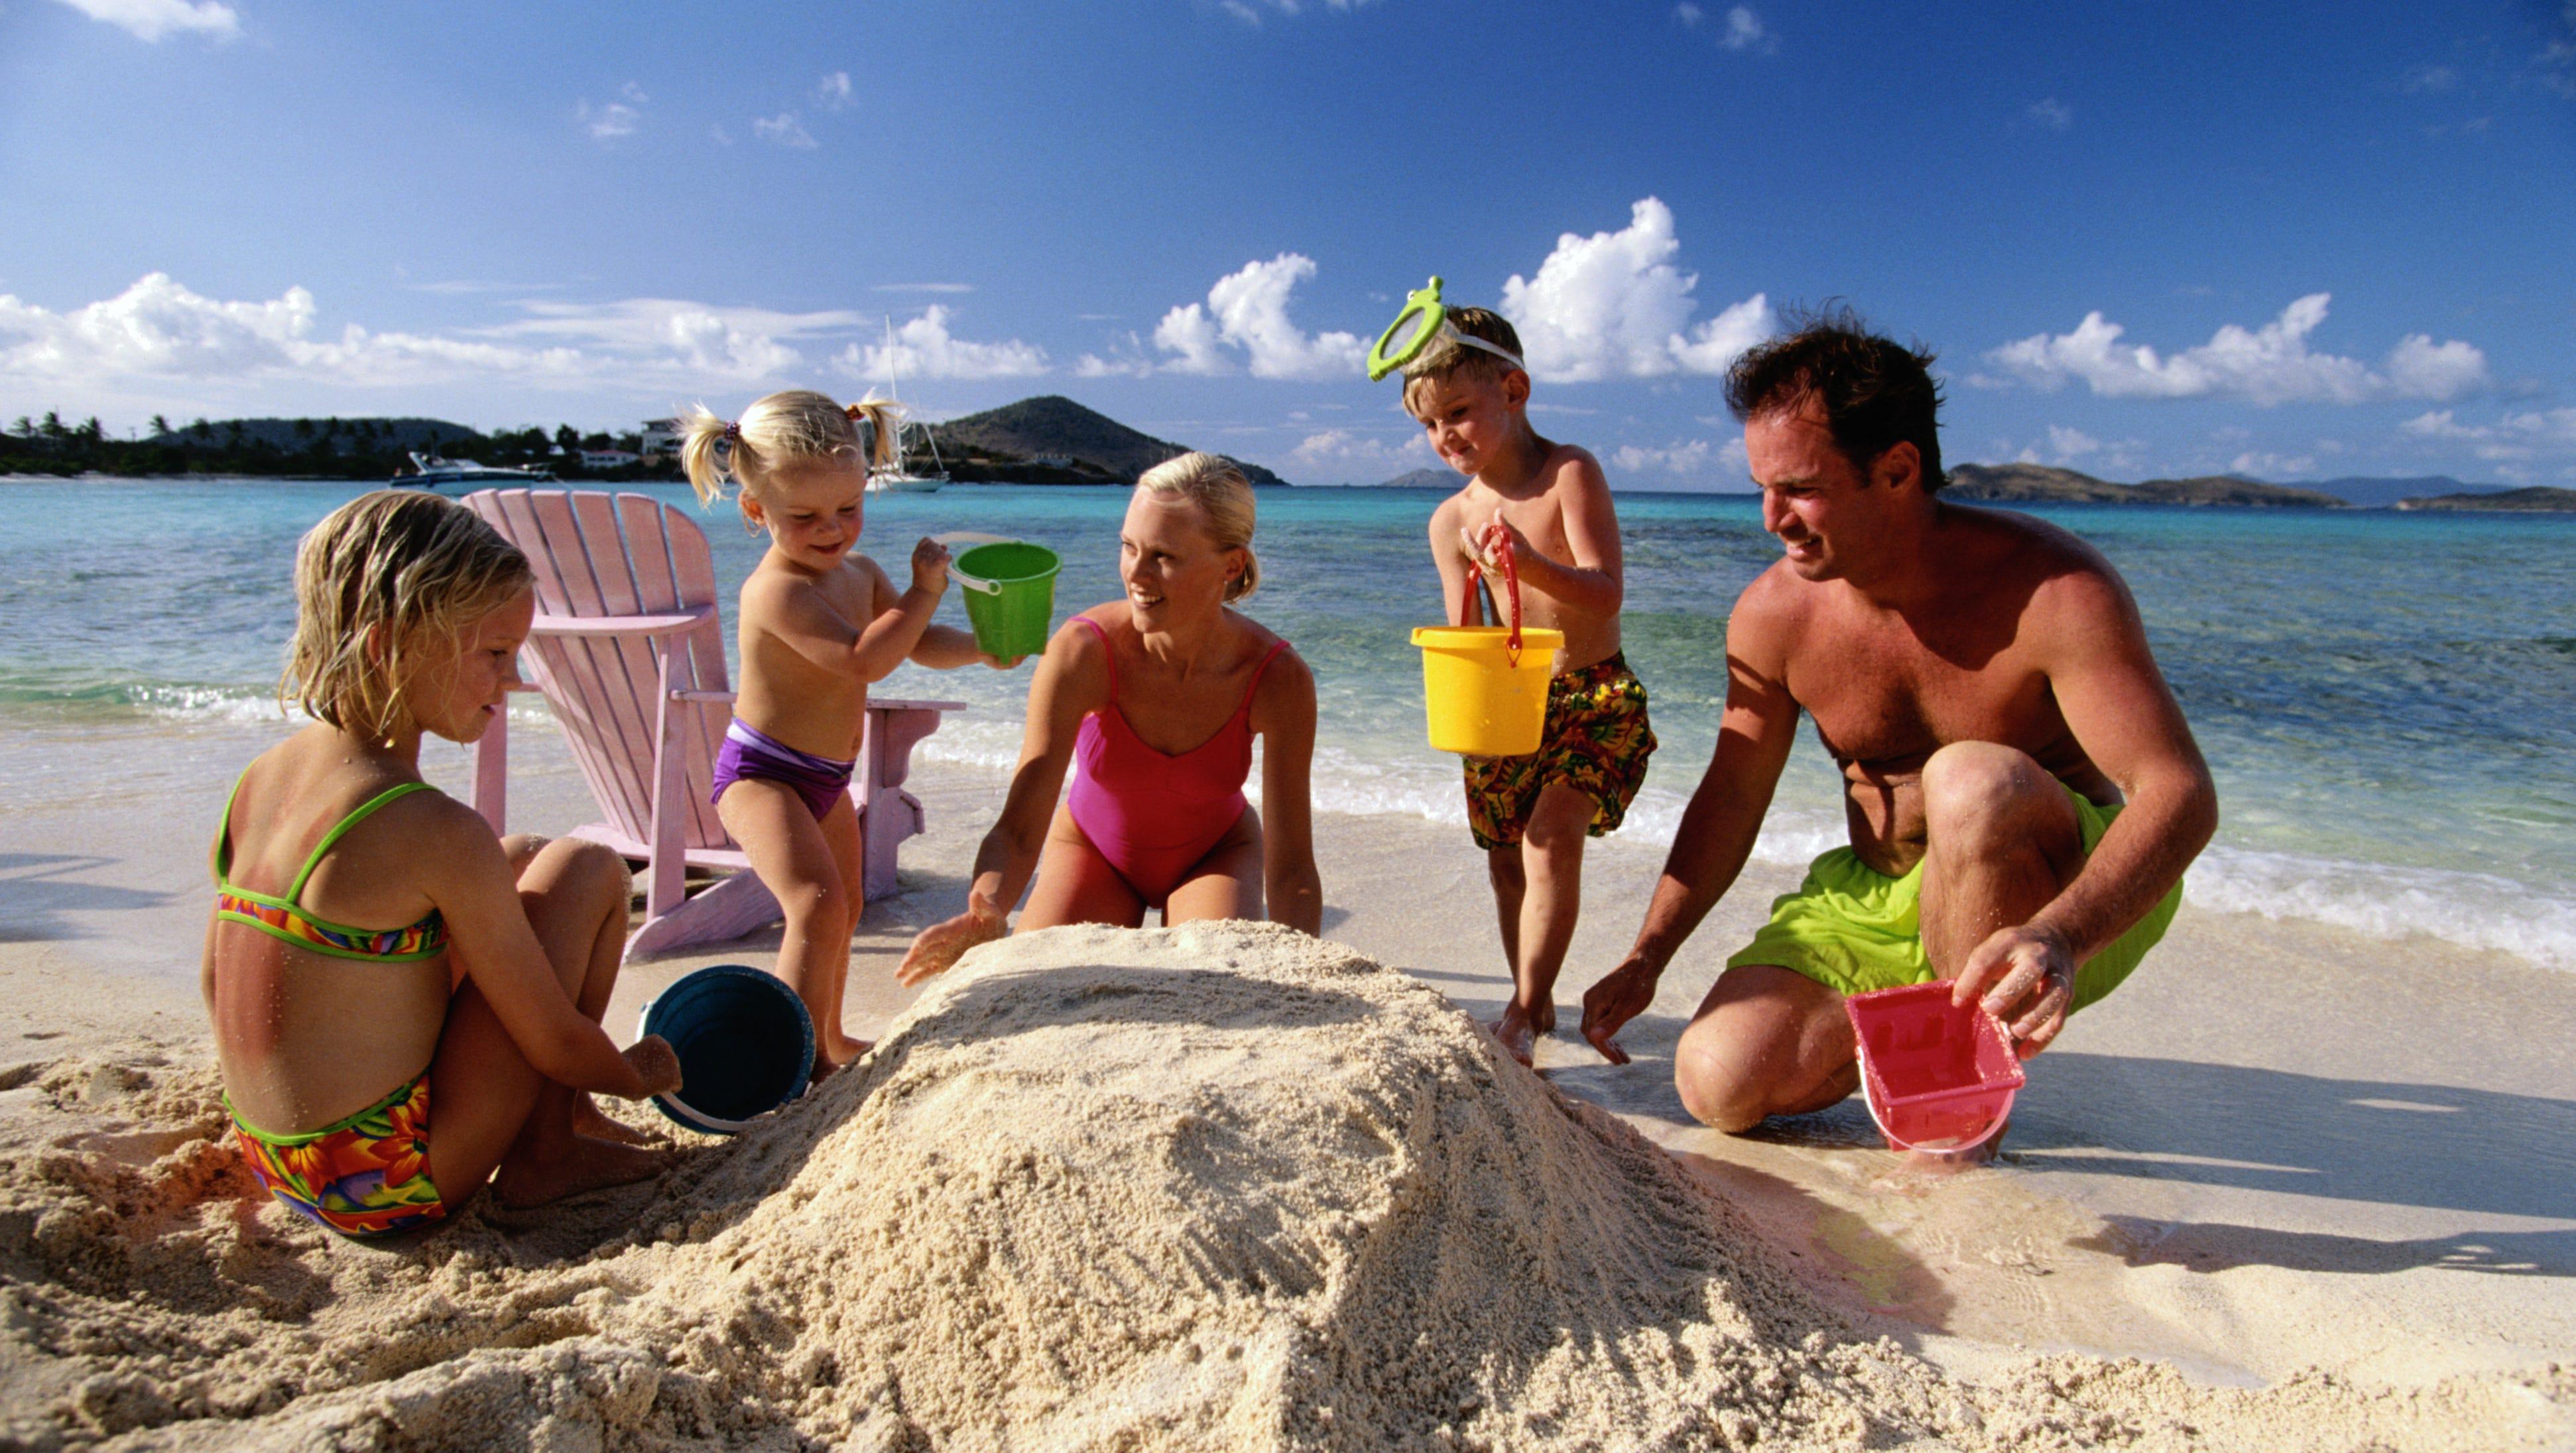 Семейное на пляже 6 фотография